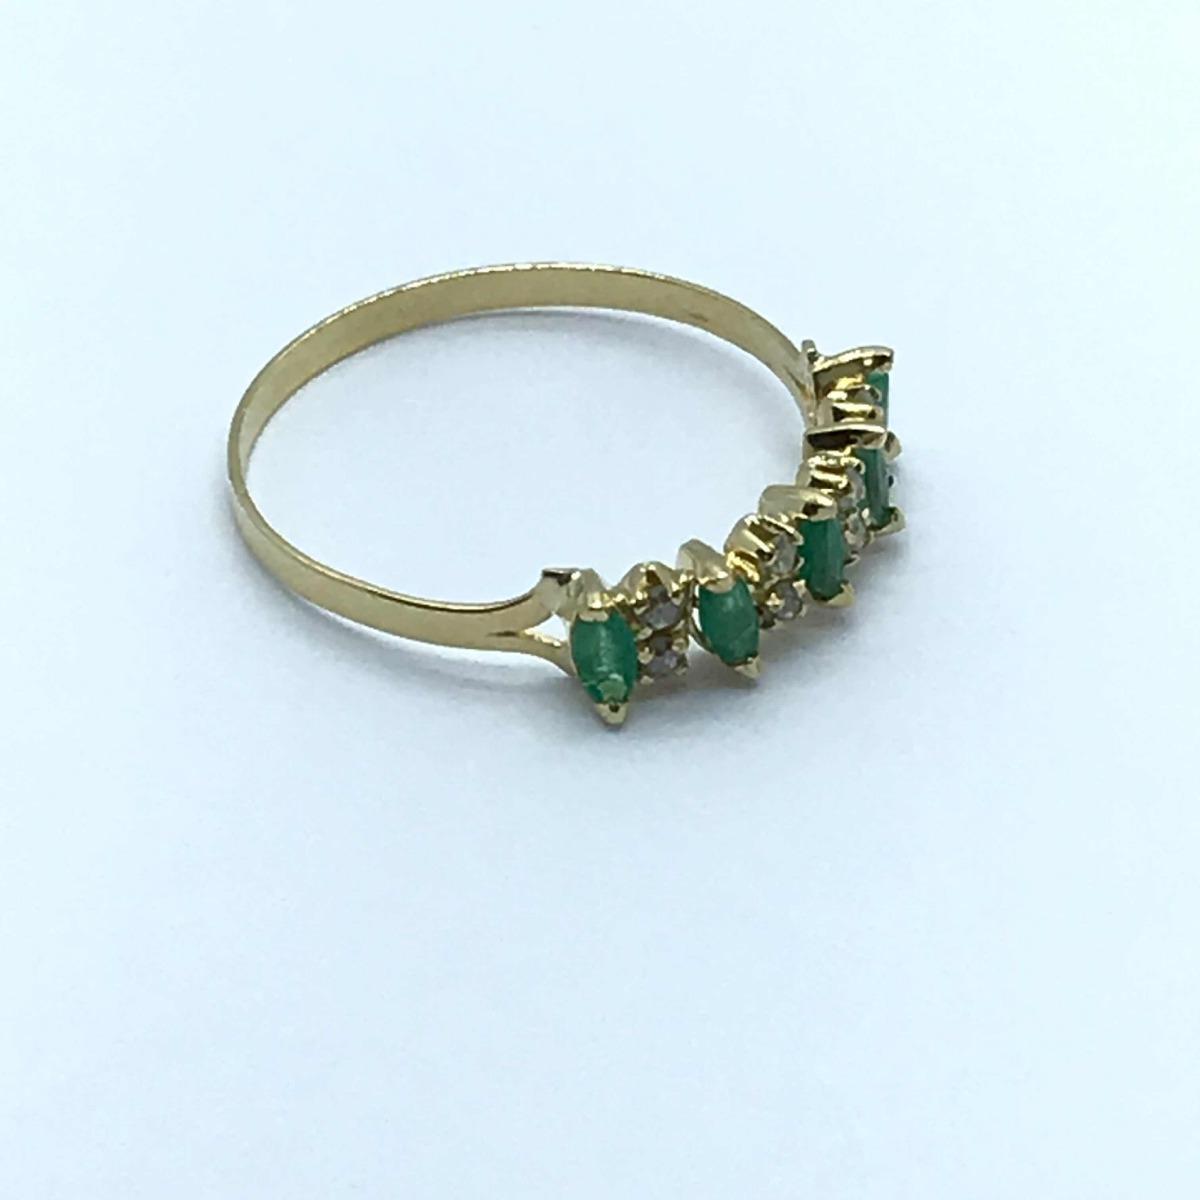 c32865e775377 meia aliança ouro 18k 6 esmeralda 8 brilhante anel aparador. Carregando  zoom.